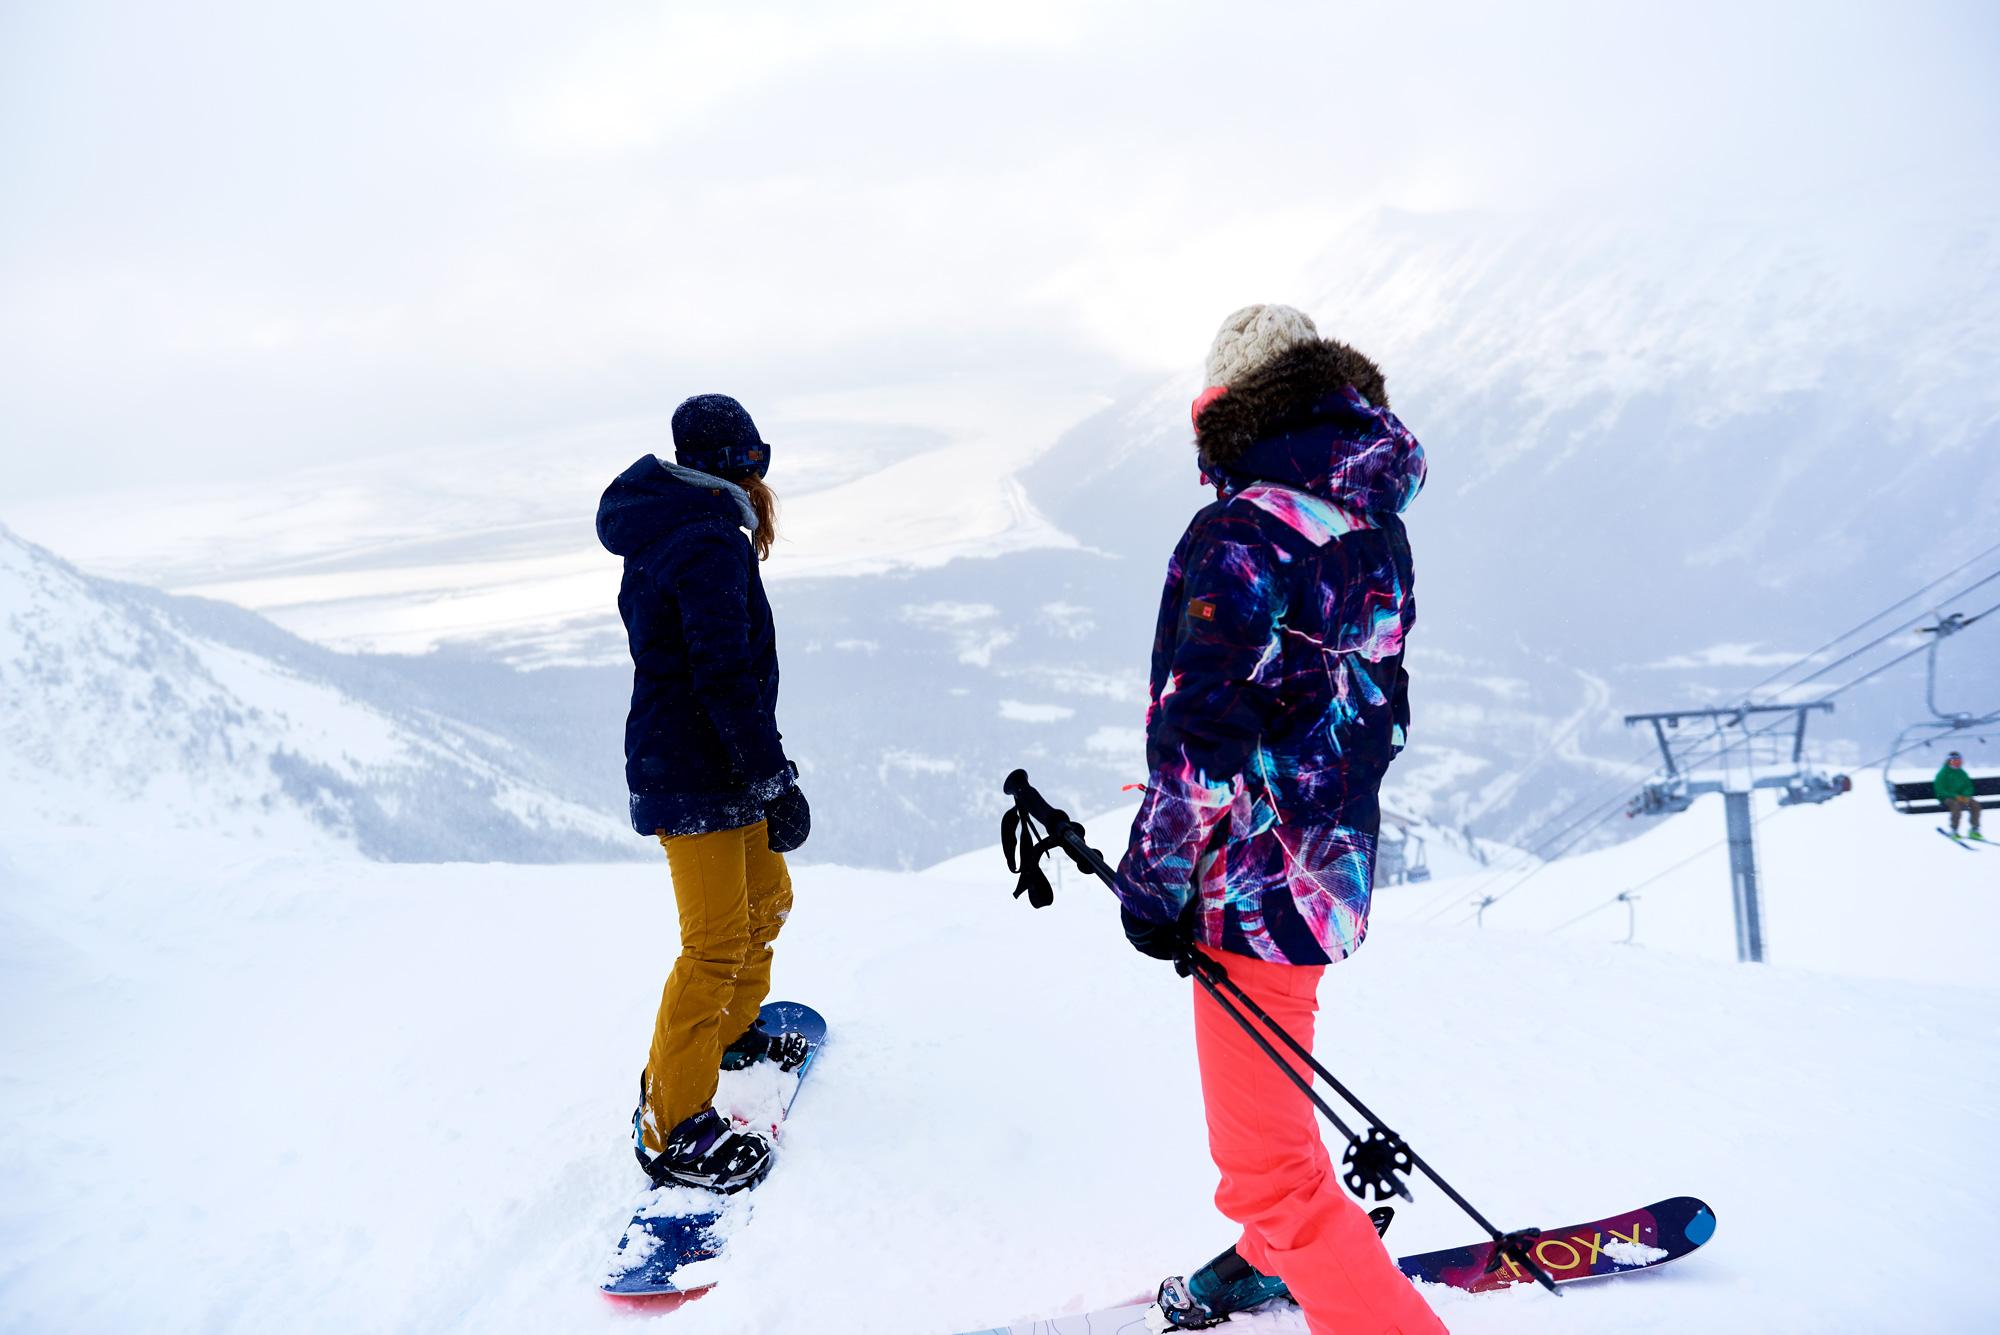 #ROXYSneakPeek Behind the Scenes of our Alaskan Snow Shoot with Robin Van Gyn